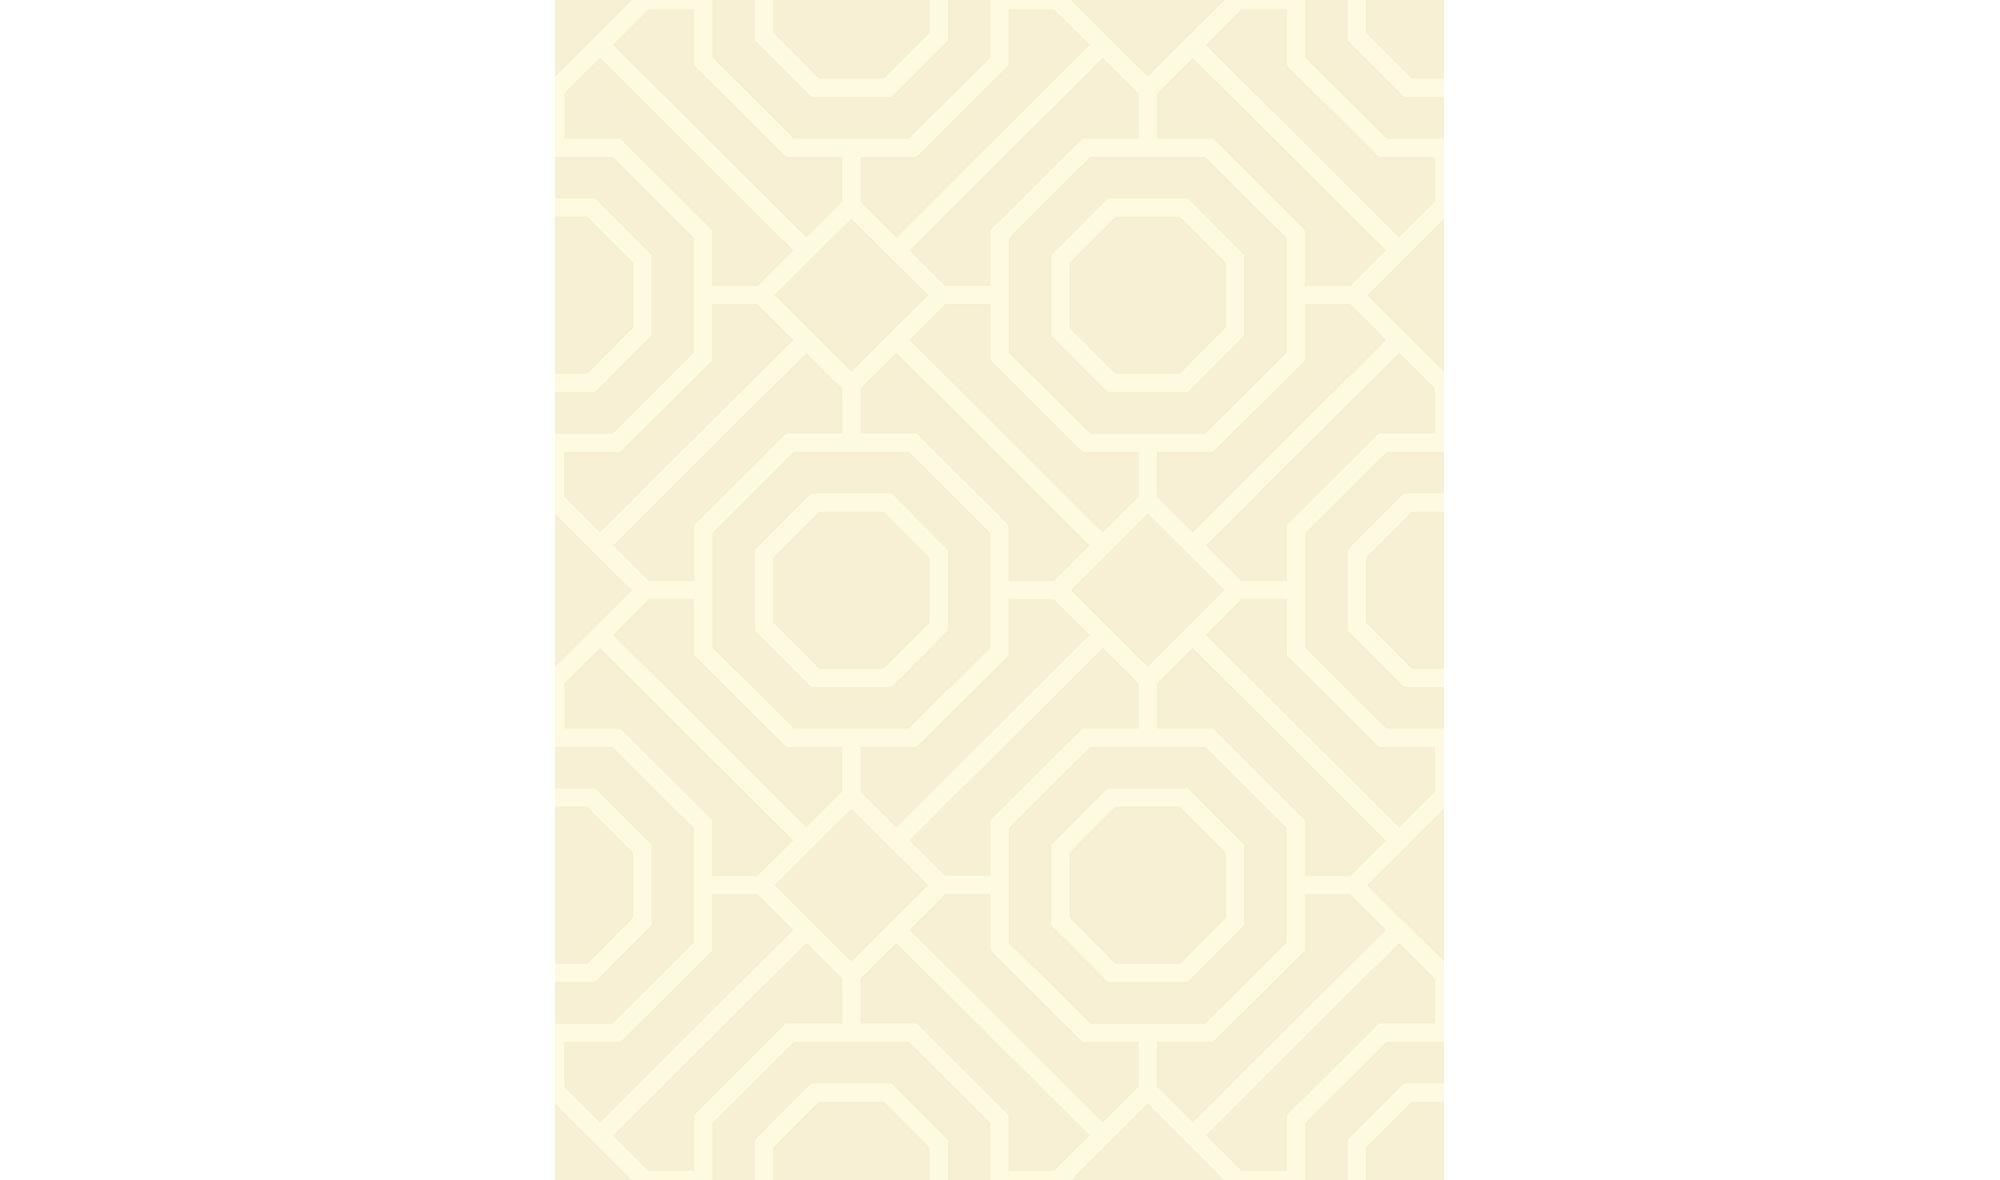 Rollo de papel pintado geom trico amarillo crudo en - Papel pintado para muebles ...